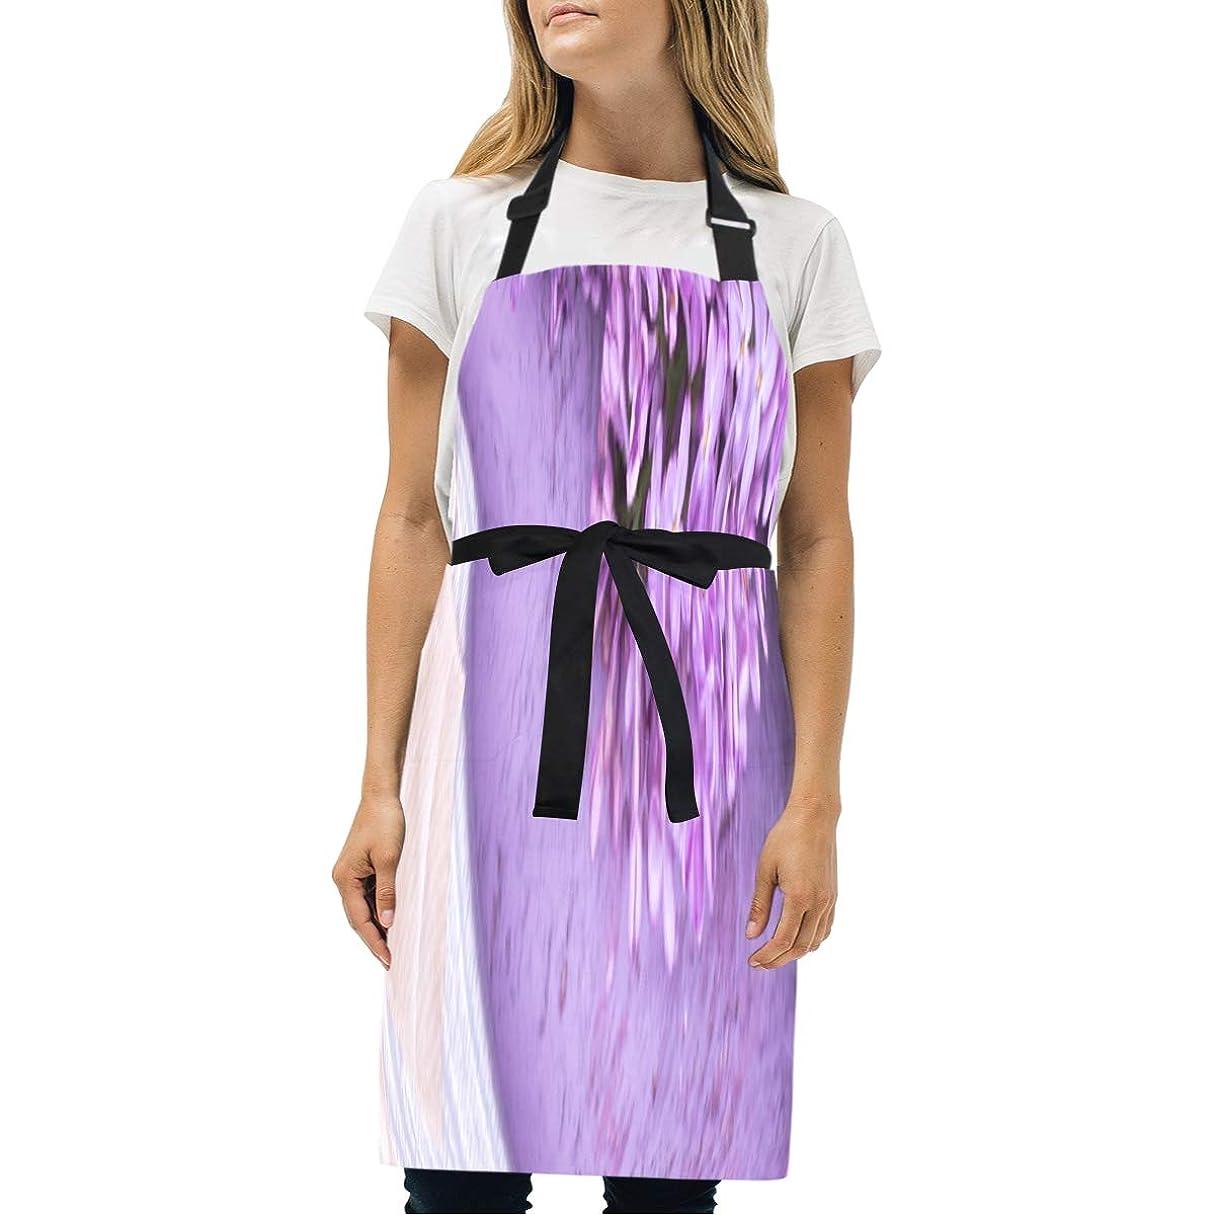 小川香ばしい分解するJLDG シンプルエプロン 紫色の地色 花 ギフトボックス 首掛け ポケット付 シワになりにくい 汚れにくい 調整可能 防水 仕事用 家庭用 男女兼用 カフェ風 70*73cm 台所 レストラン シェフ クッキング